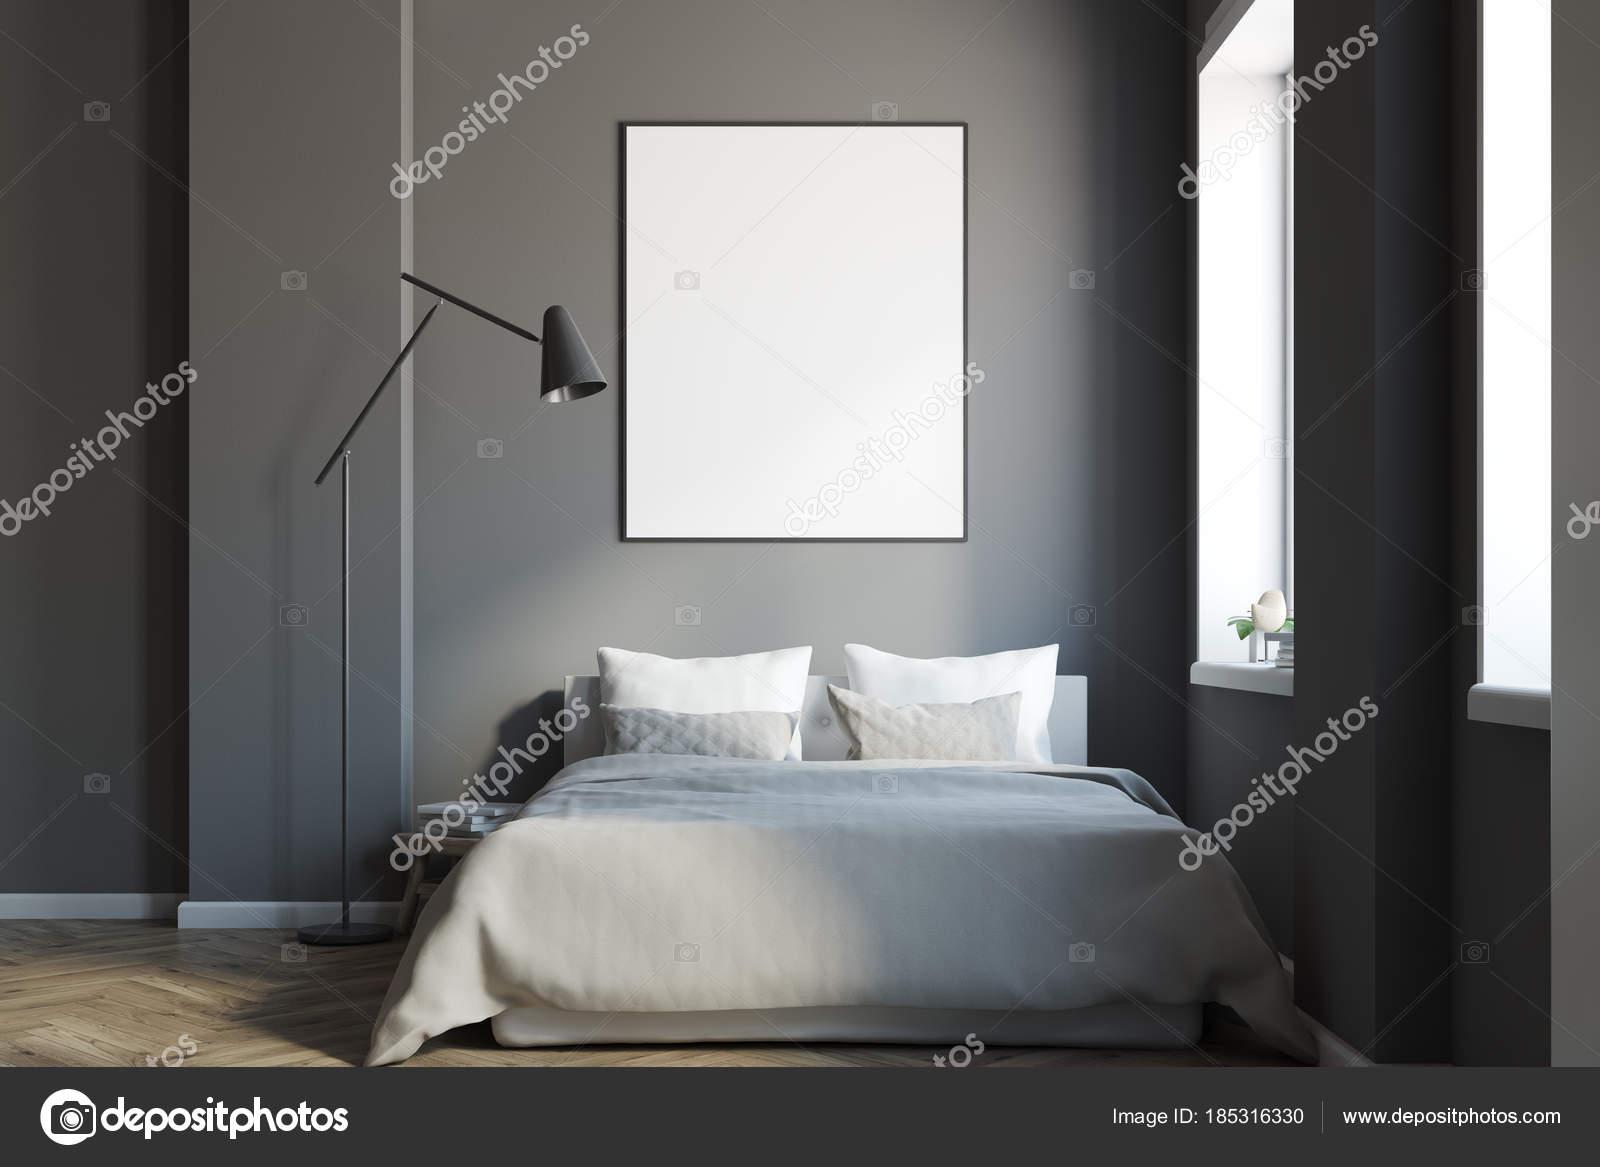 Letto Grigio Scuro : Interno di camera da letto grigio scuro con un manifesto u2014 foto